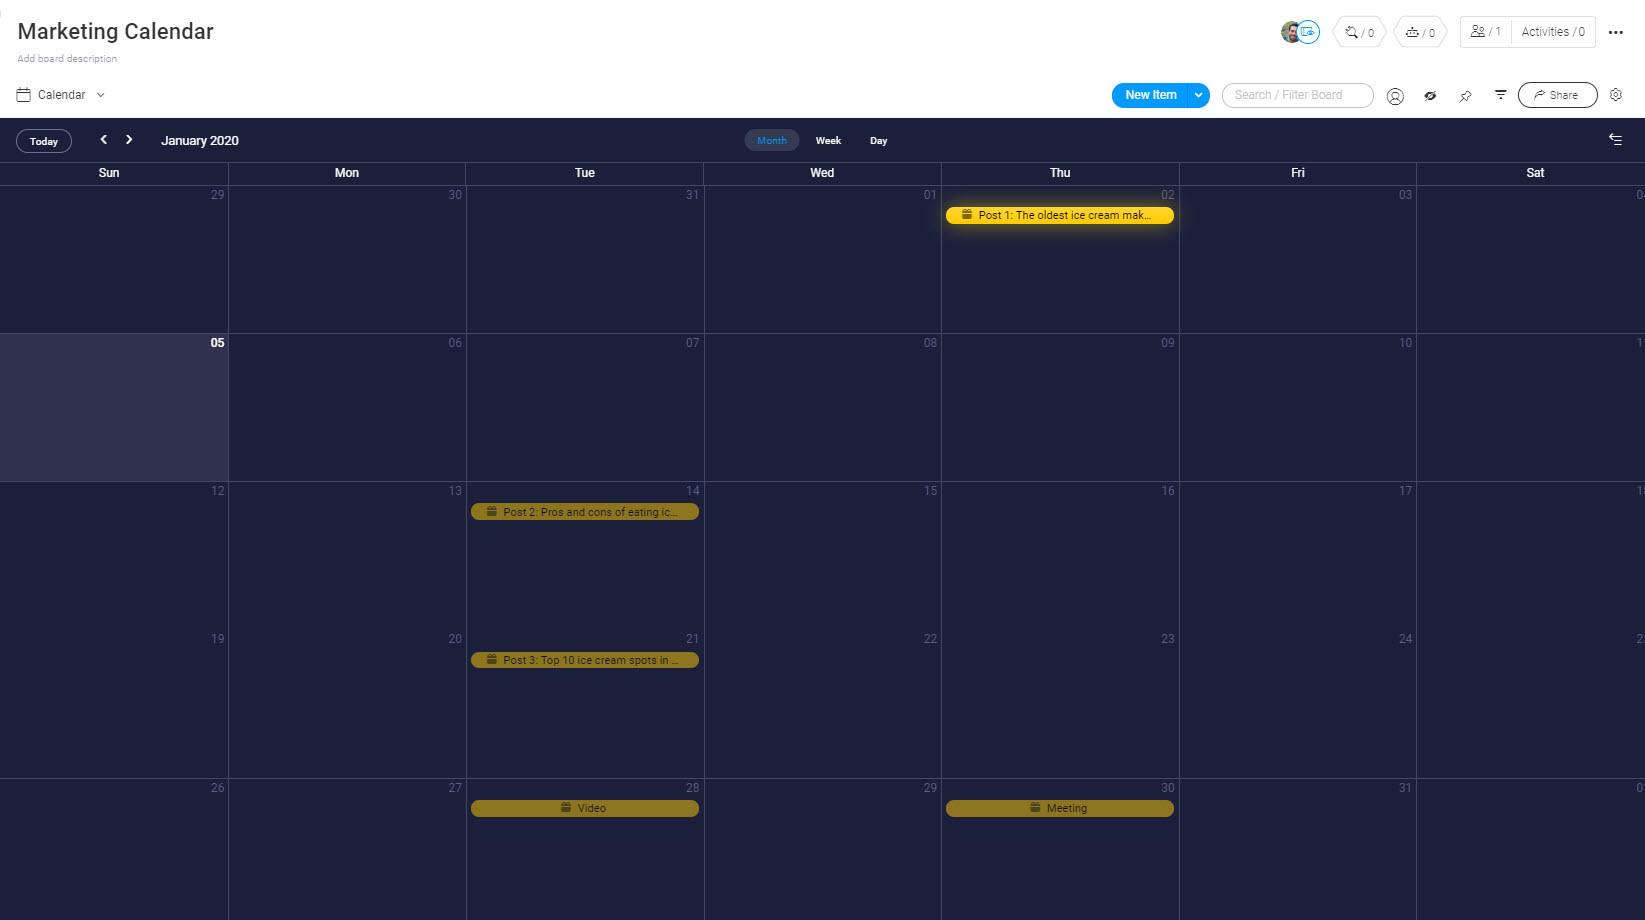 Marketing Calendar Template - Calendar View